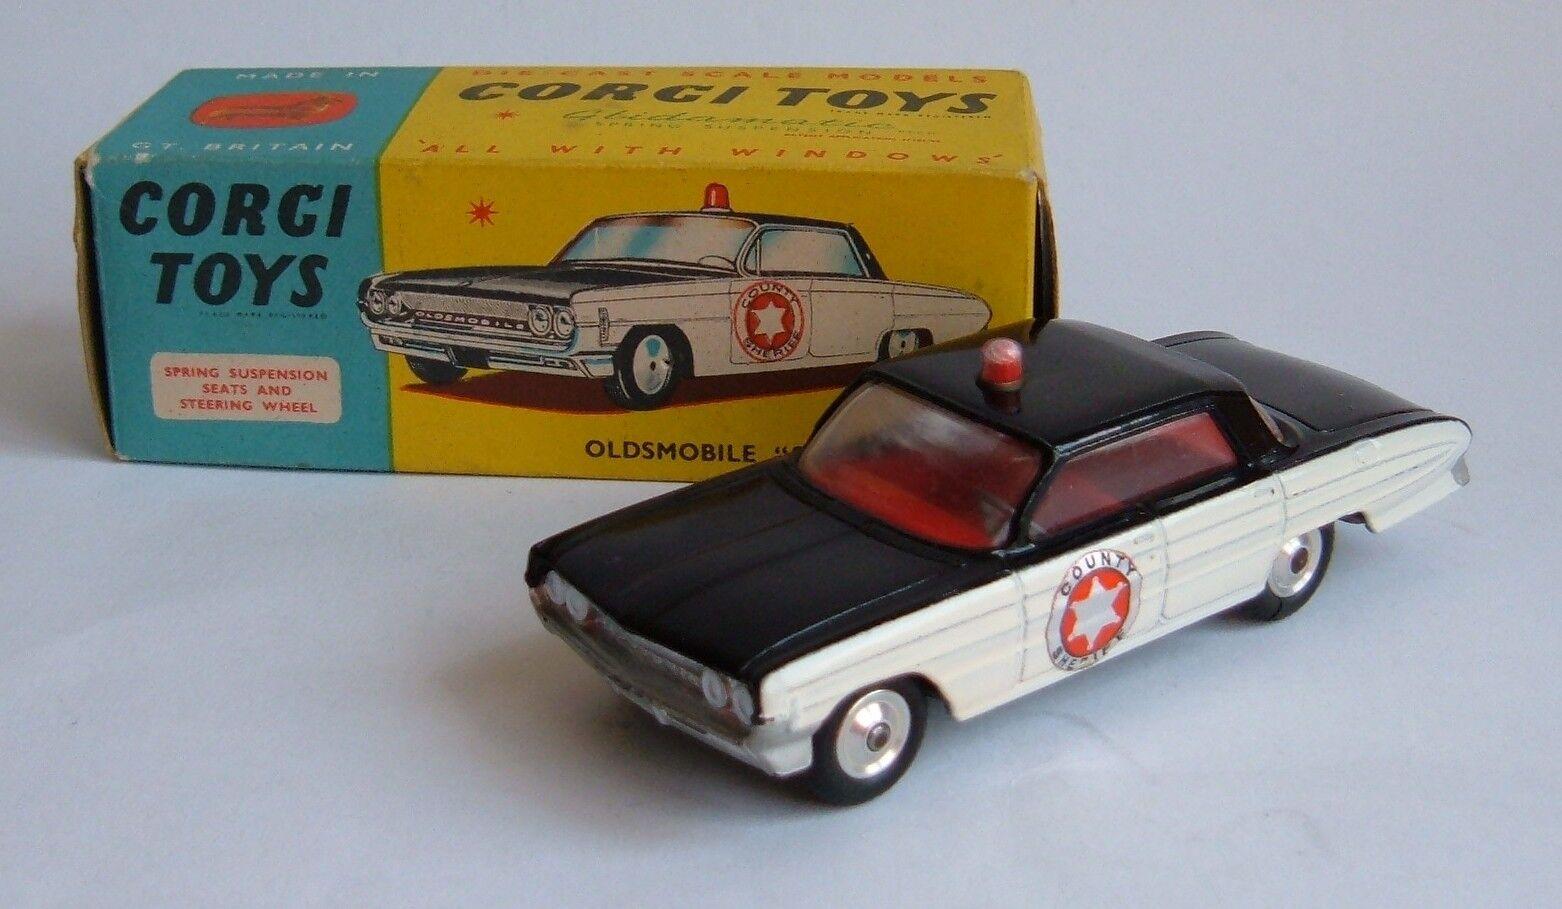 Corgi Toys No. 237, Oldsmobile 'Sheriff' Car, - Superb Mint.